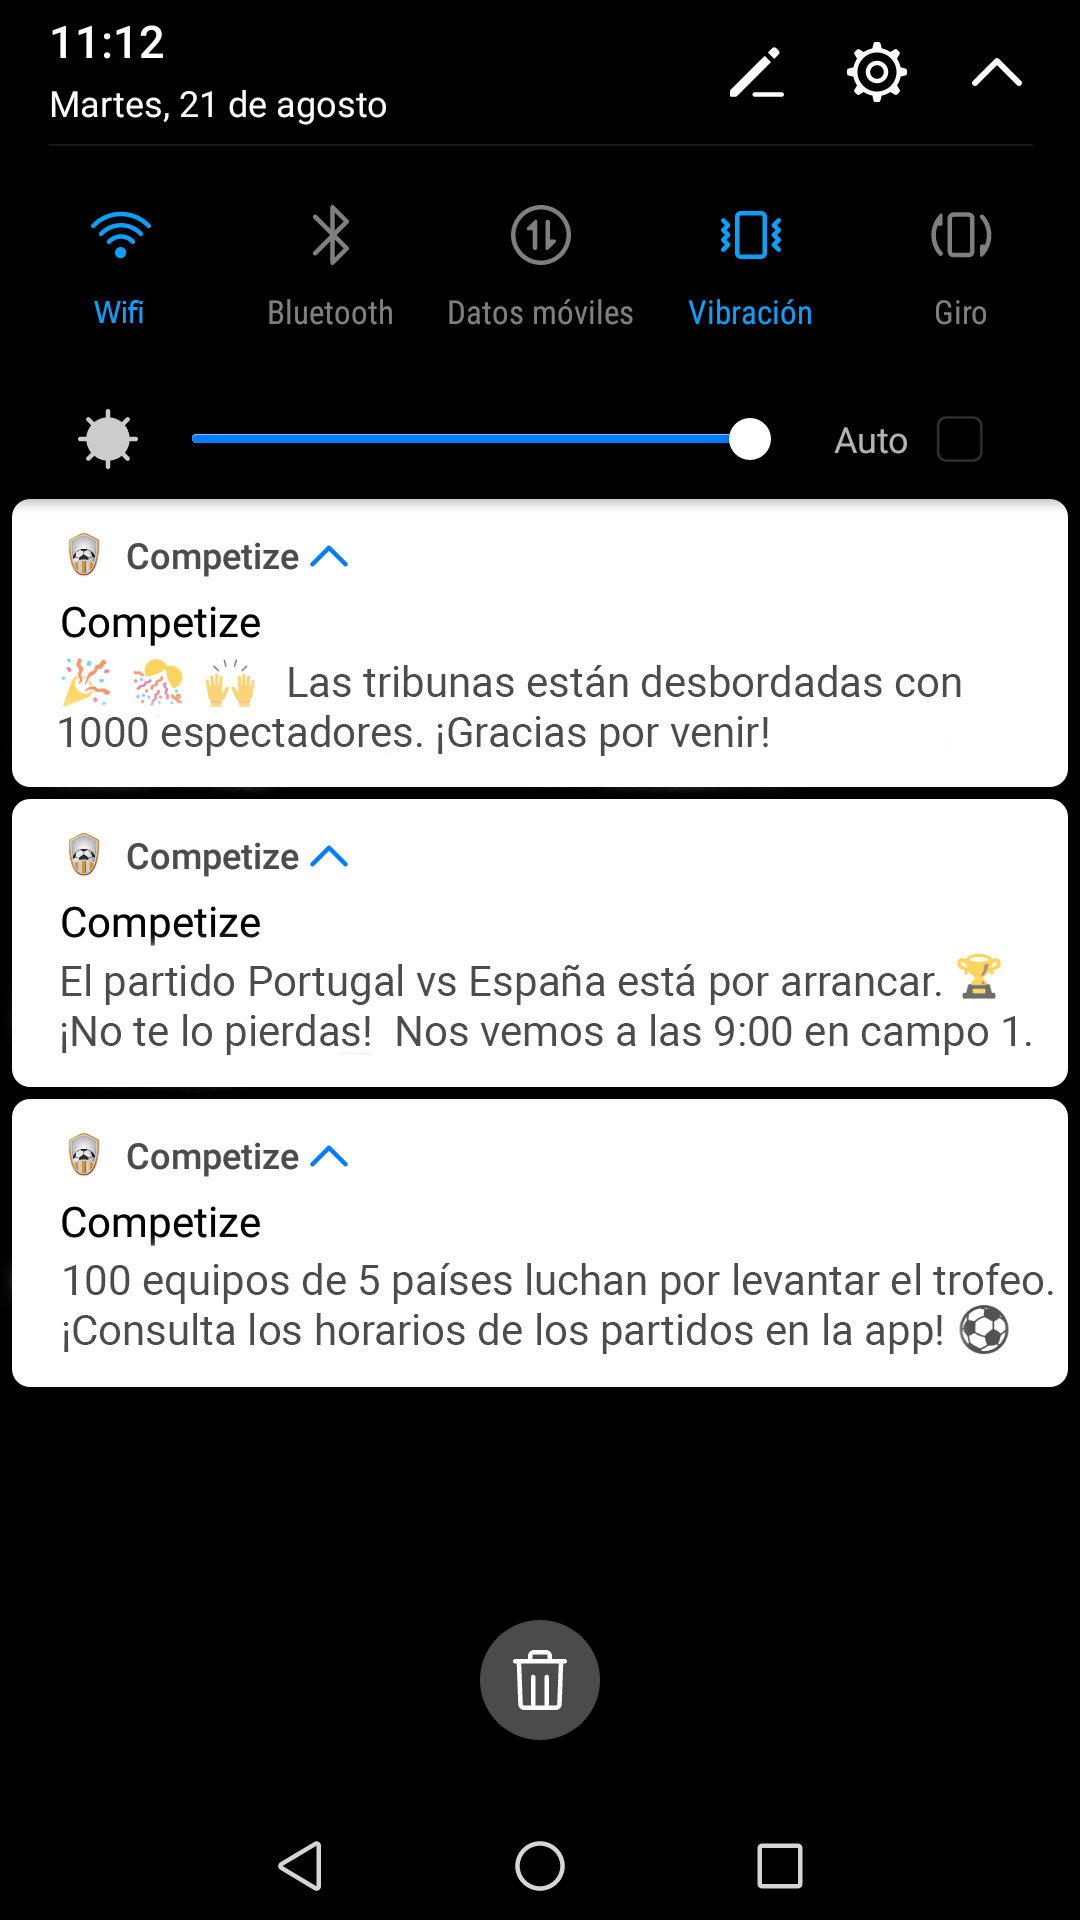 Notificaciones instantáneas desde app para torneos